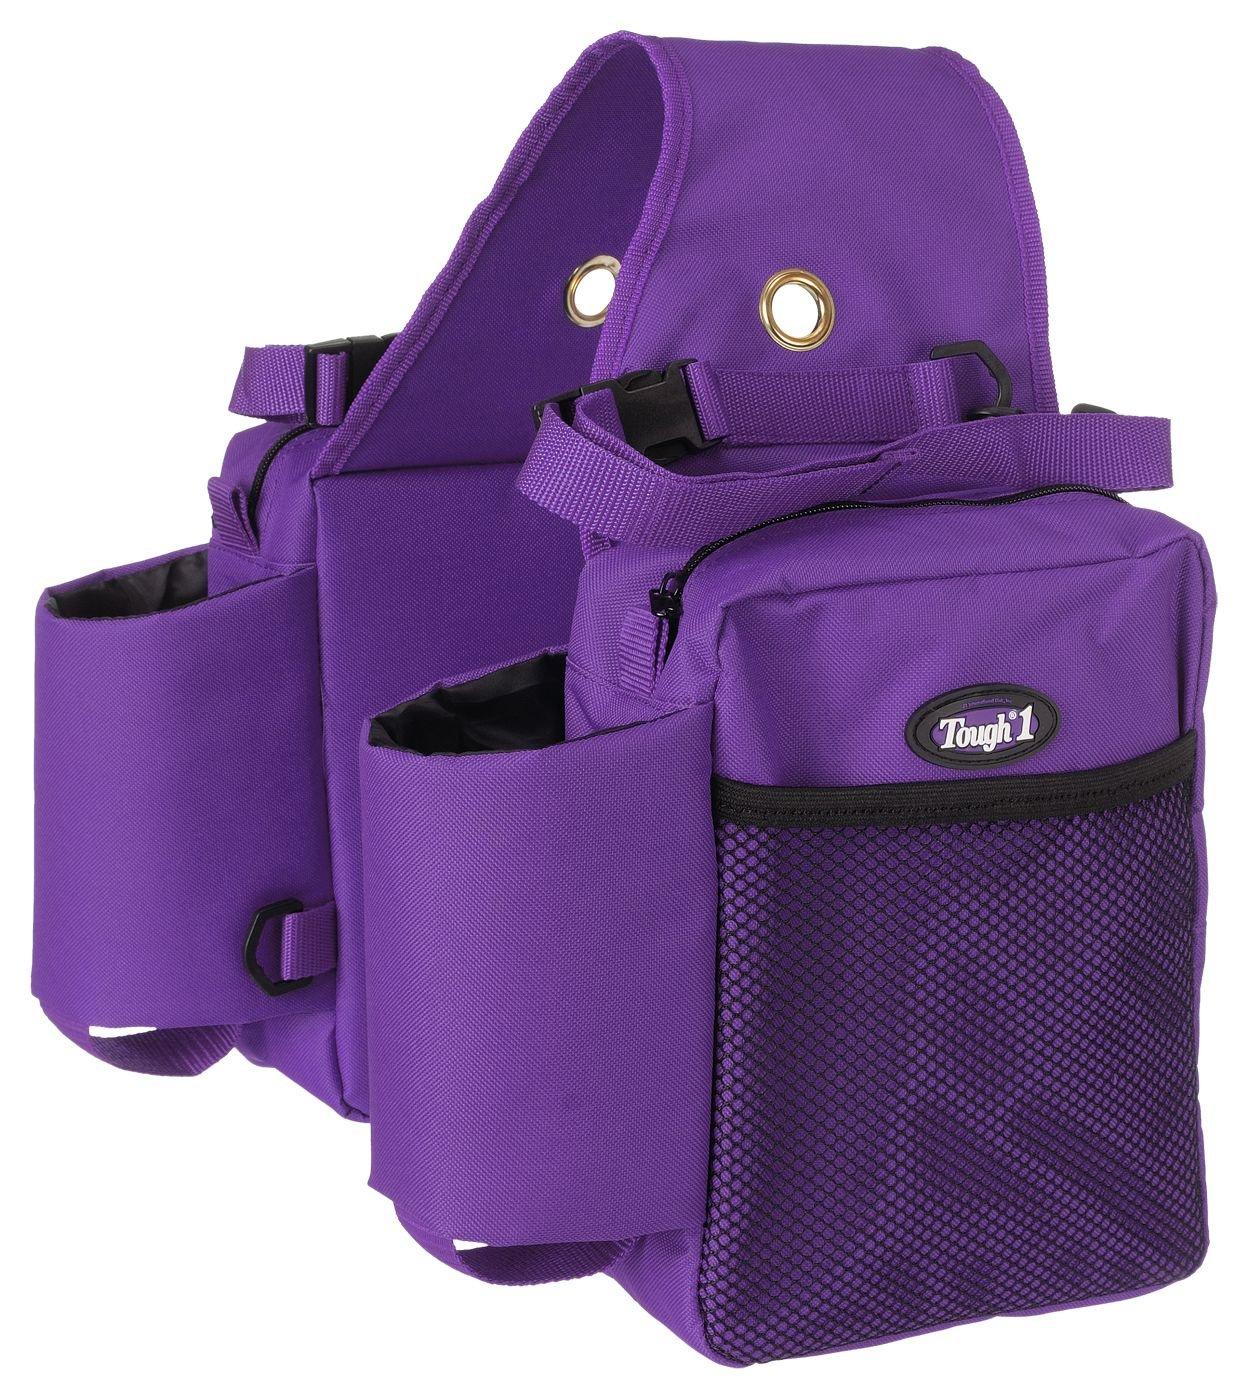 Tough 1 Robuste 1 Nylon Wasserflaschen//Getriebetasche Satteltasche